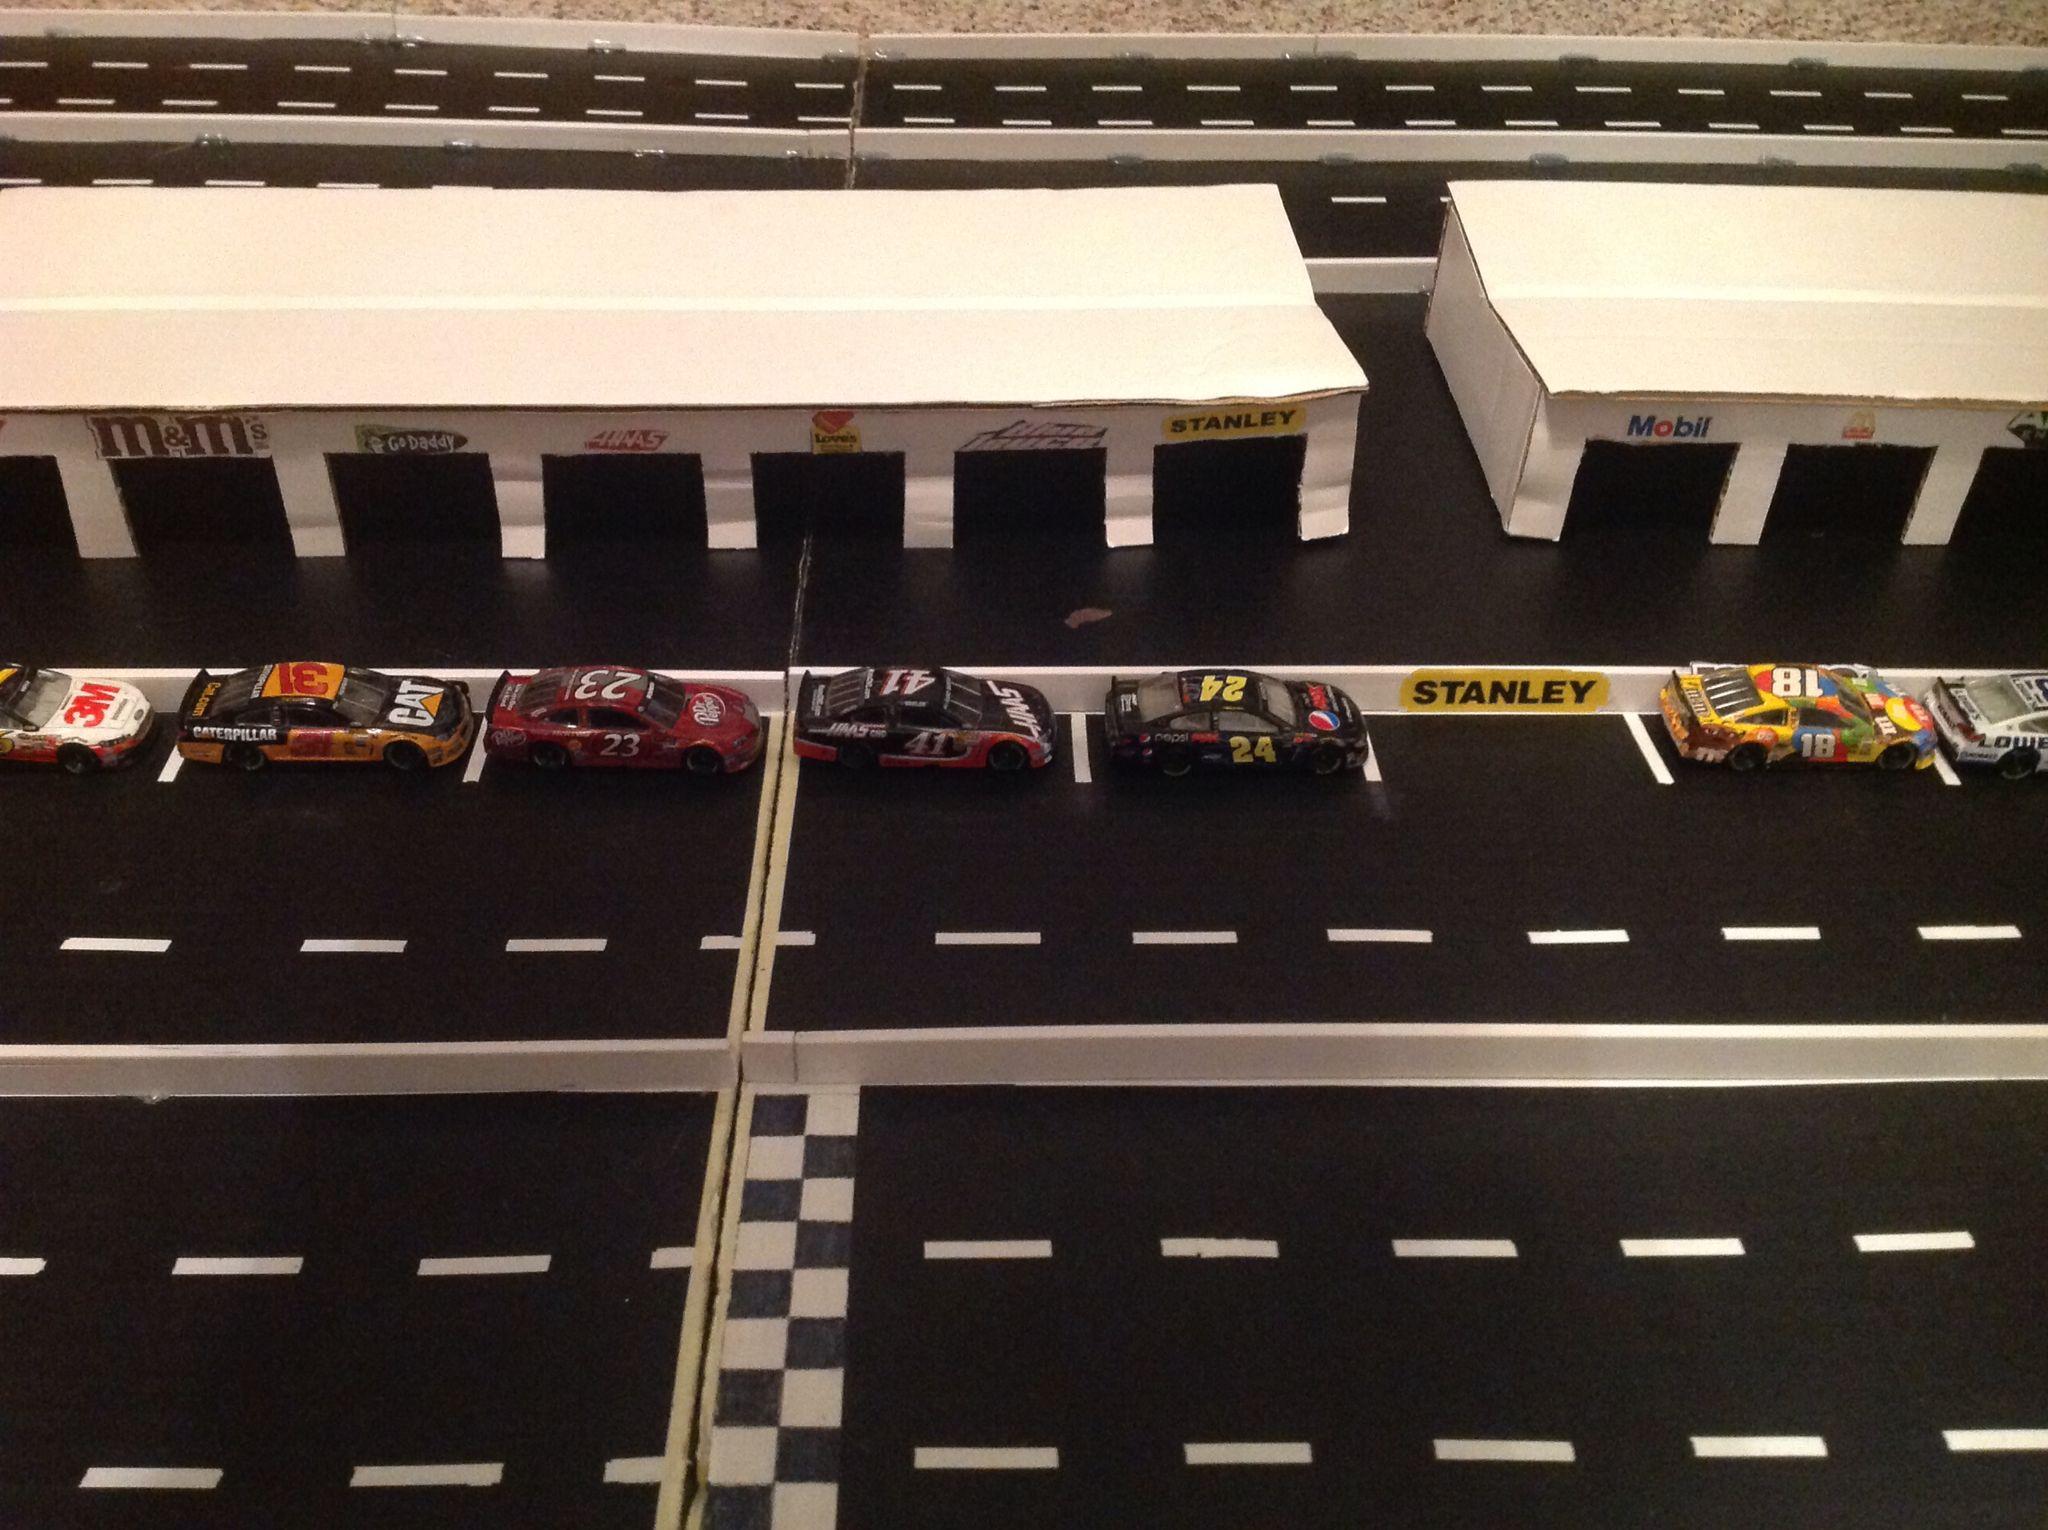 Homemade Nascar Race Track Nascar Race Tracks Nascar Slot Car Tracks